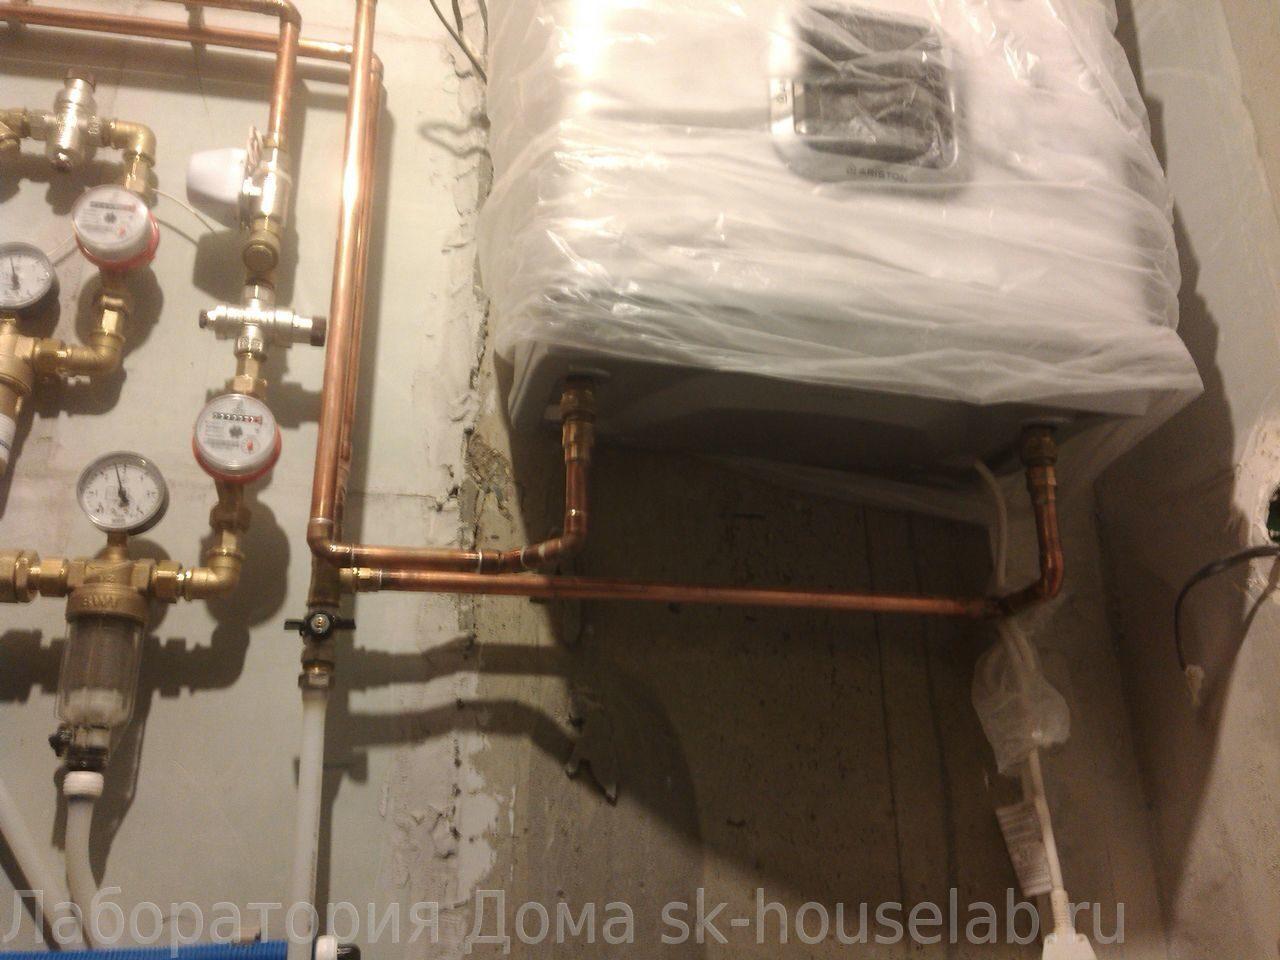 Монтаж труб водоснабжения из сшитого полиэтилена фото 599